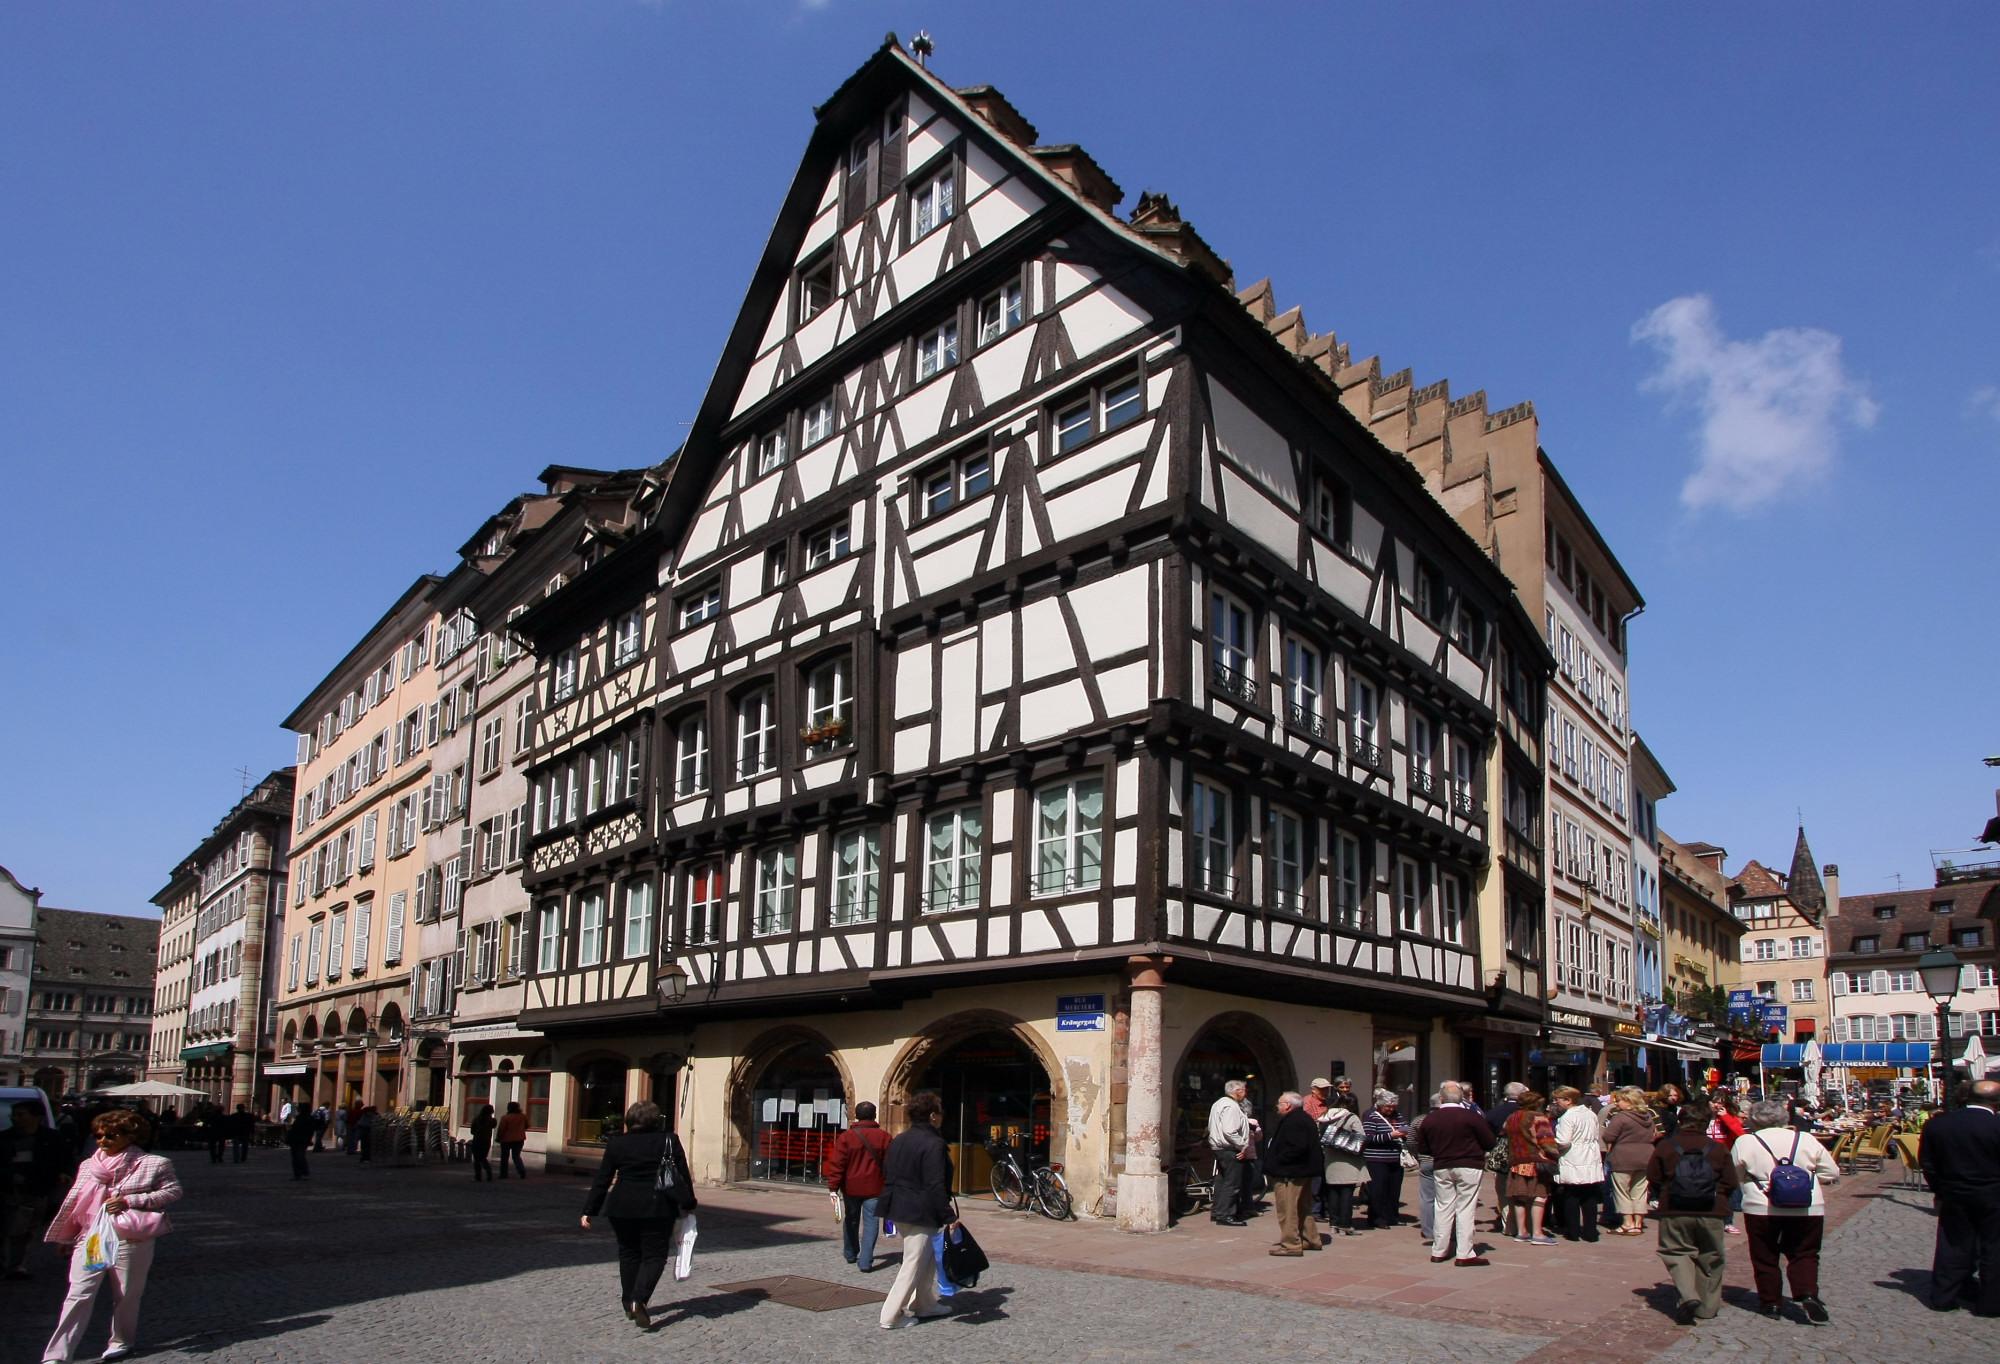 Ancienne_pharmacie_du_Cerf,_à_présent_relais_culturel,_à_l'angle_de_la_rue_Mercière_et_de_la_Place_de_la_Cathédrale,_Strasbourg